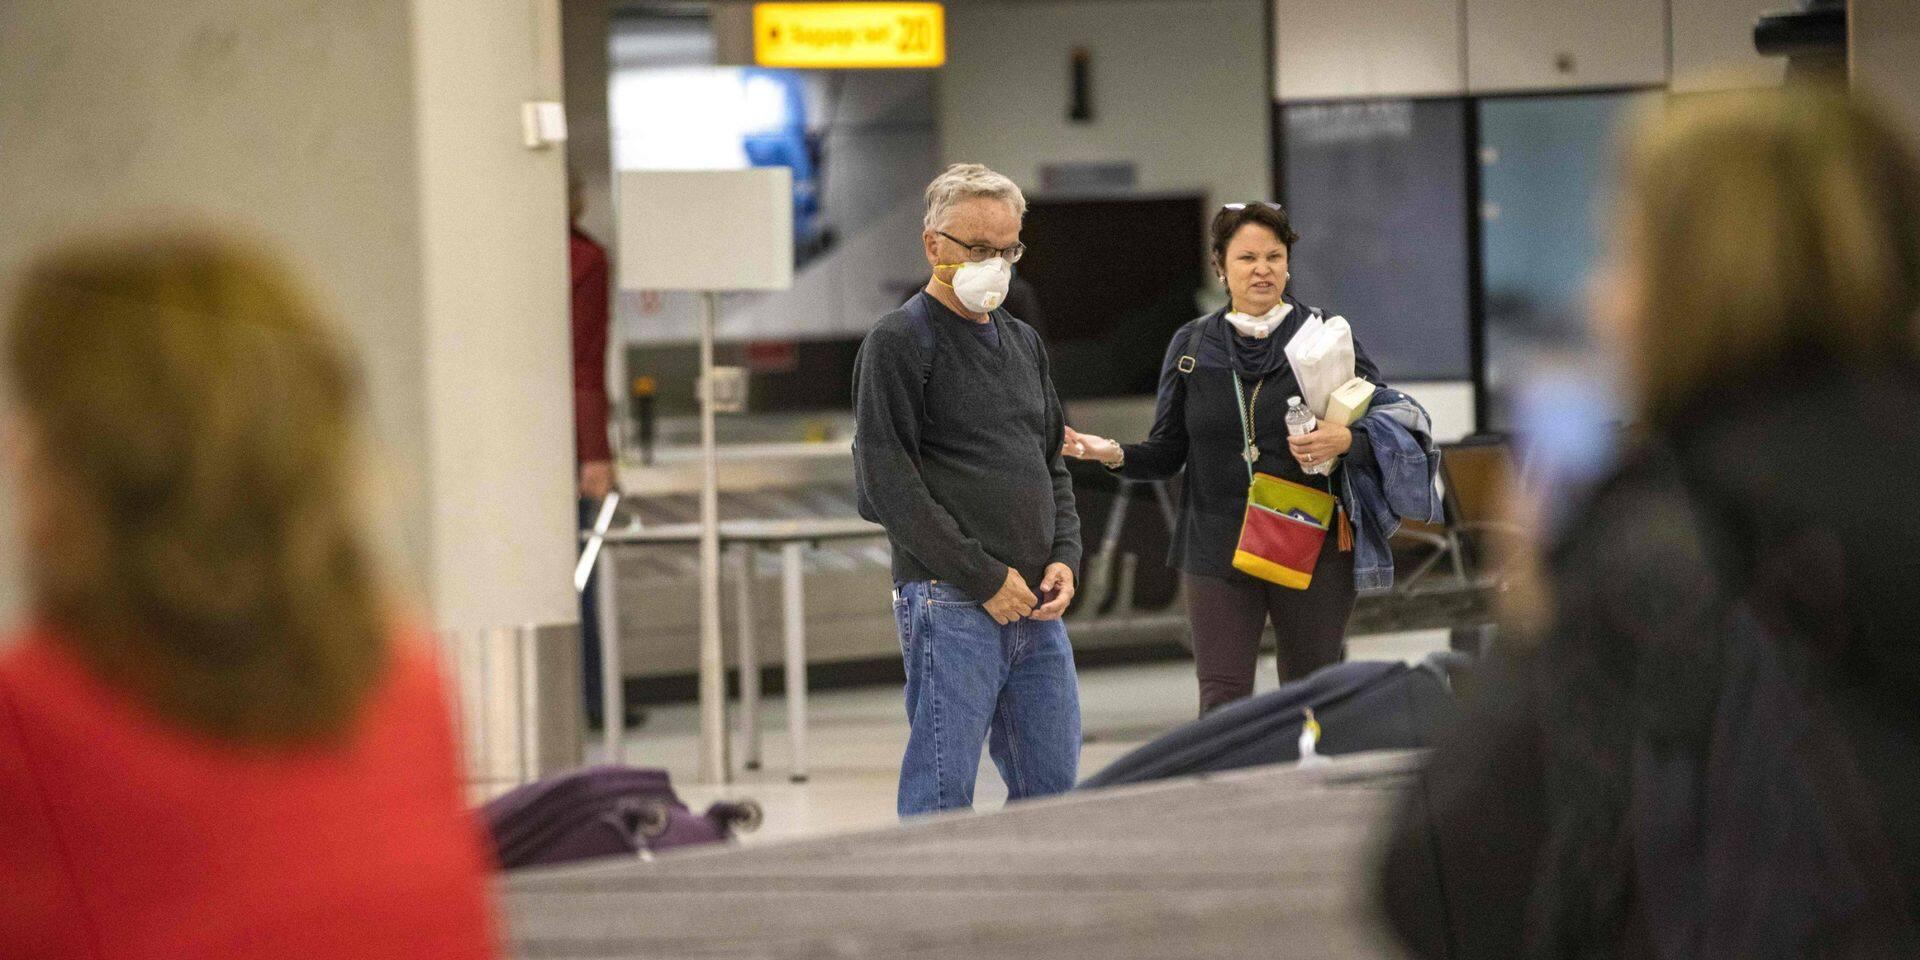 Coronavirus: Les dix passagers belges du bateau Westerdam peuvent quitter leur domicile